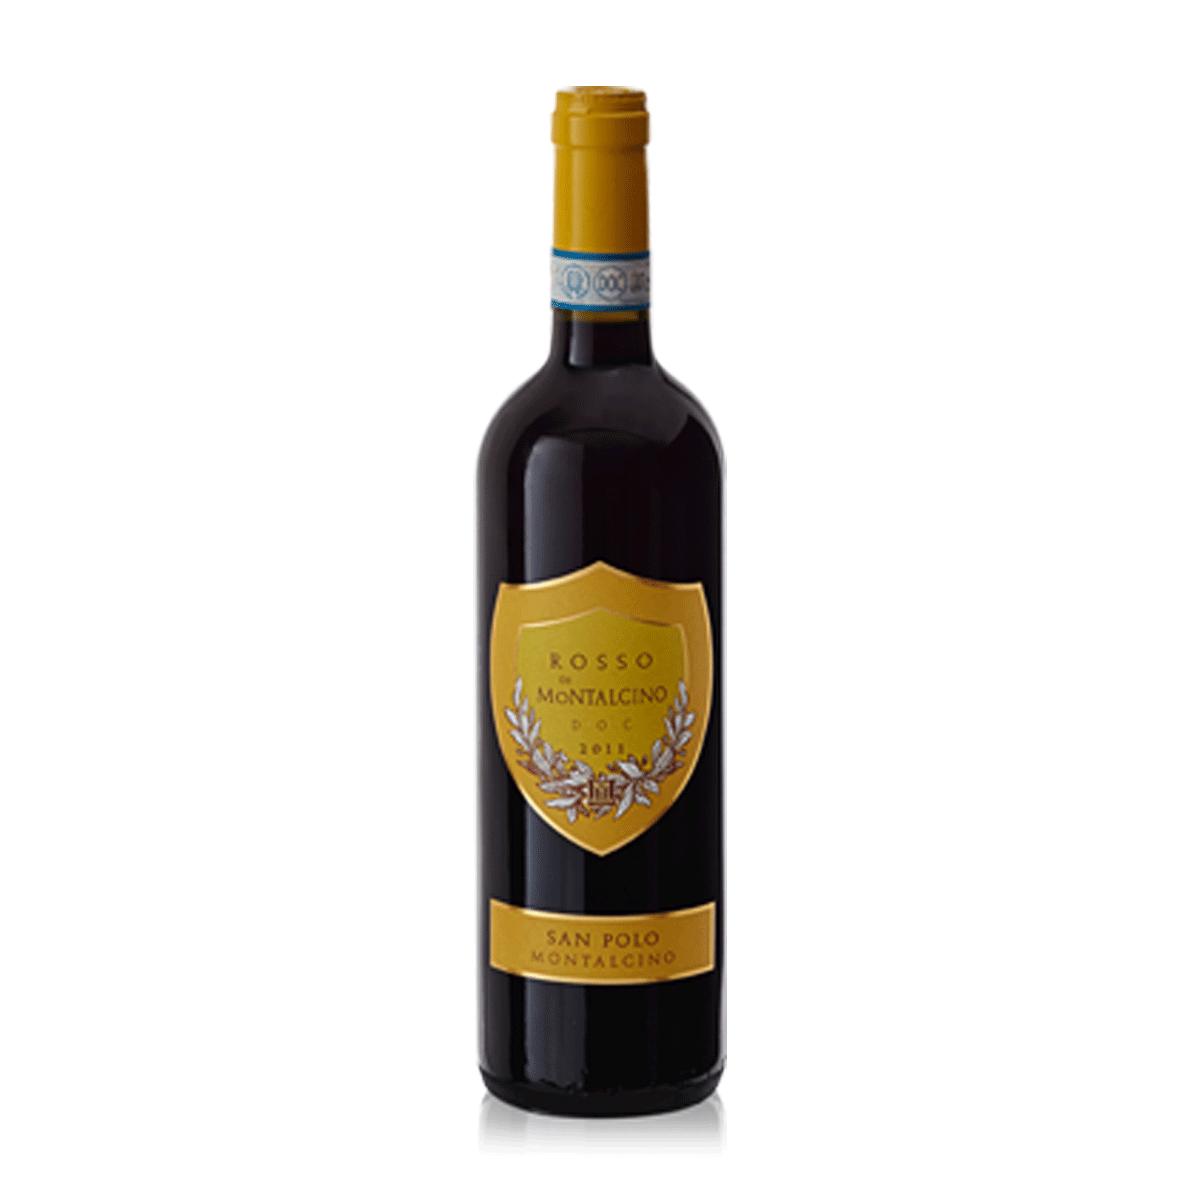 San Polo talianske vino Rosso Di Montalcino DOC